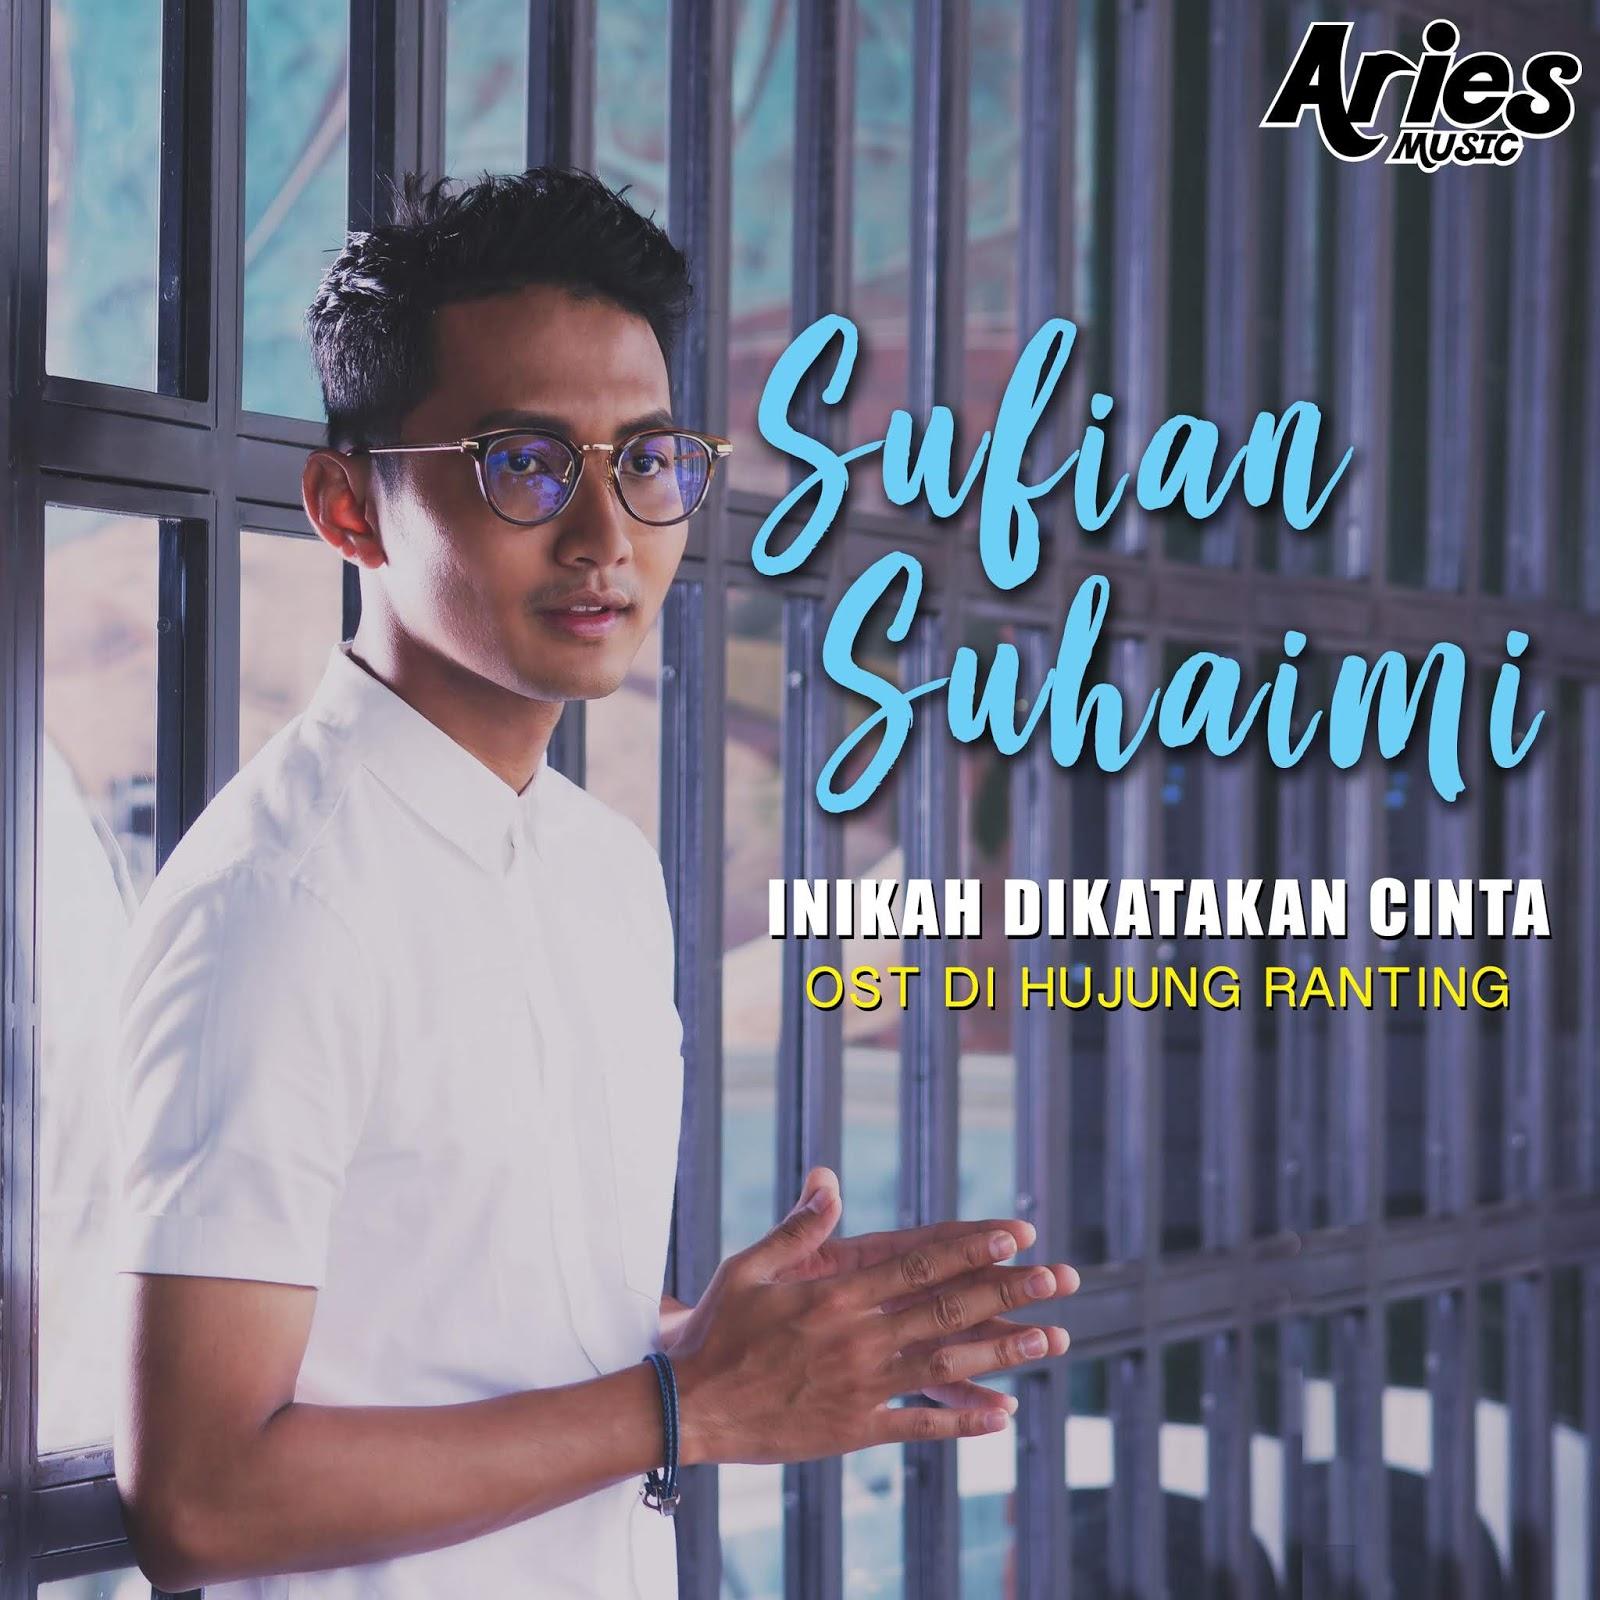 Lirik Lagu Sufian Suhaimi - Inikah Dikatakan Cinta (OST Drama Di Hujung Ranting TV2)